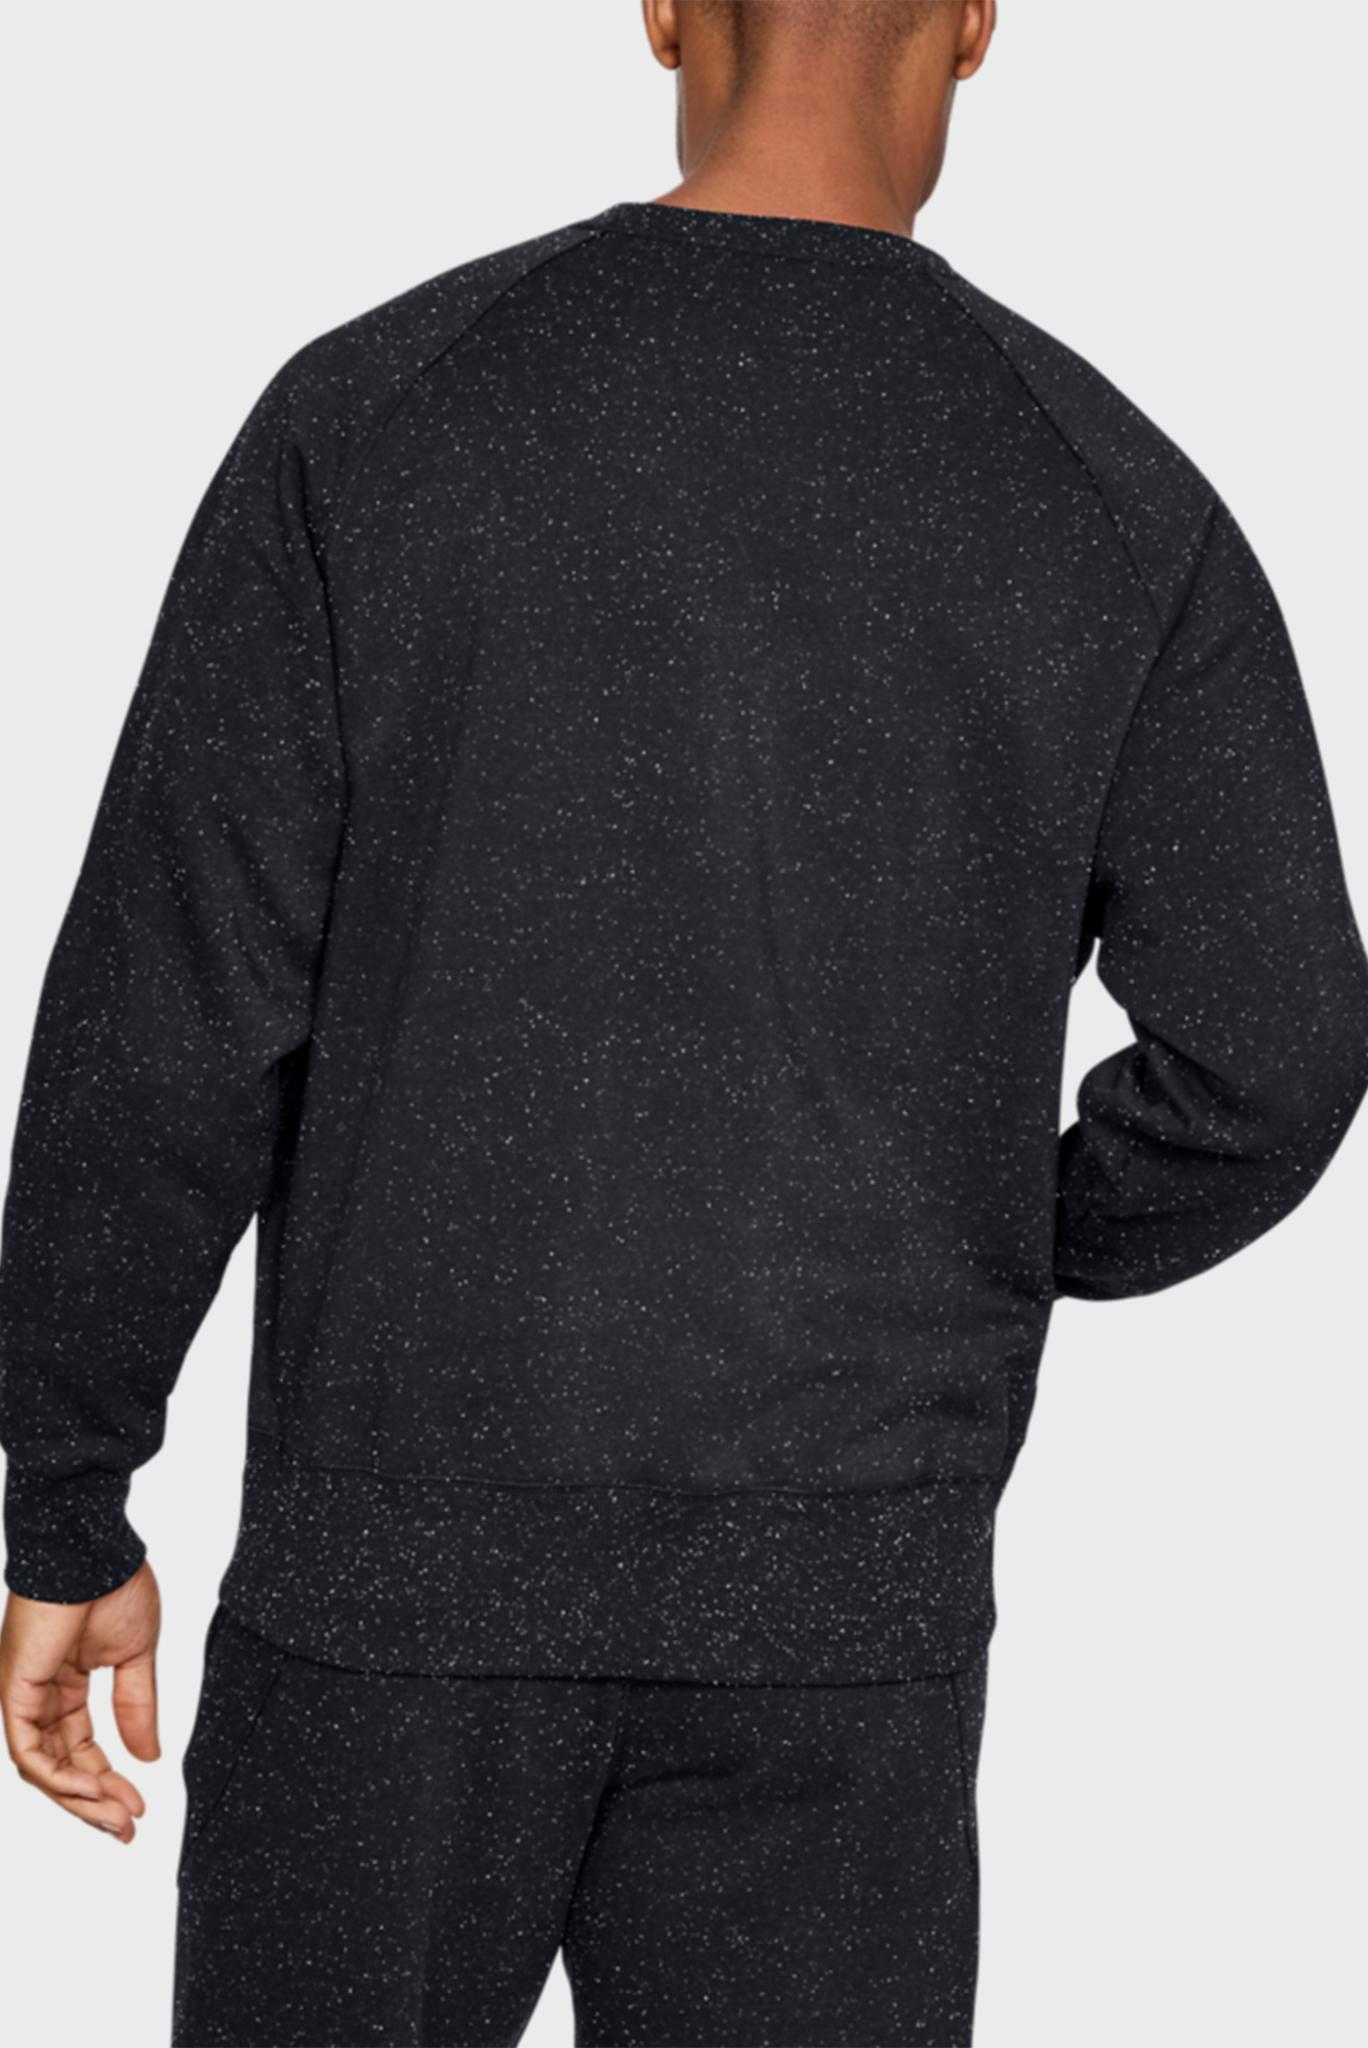 Мужской черный свитшот SPECKLED FLEECE CREW Under Armour